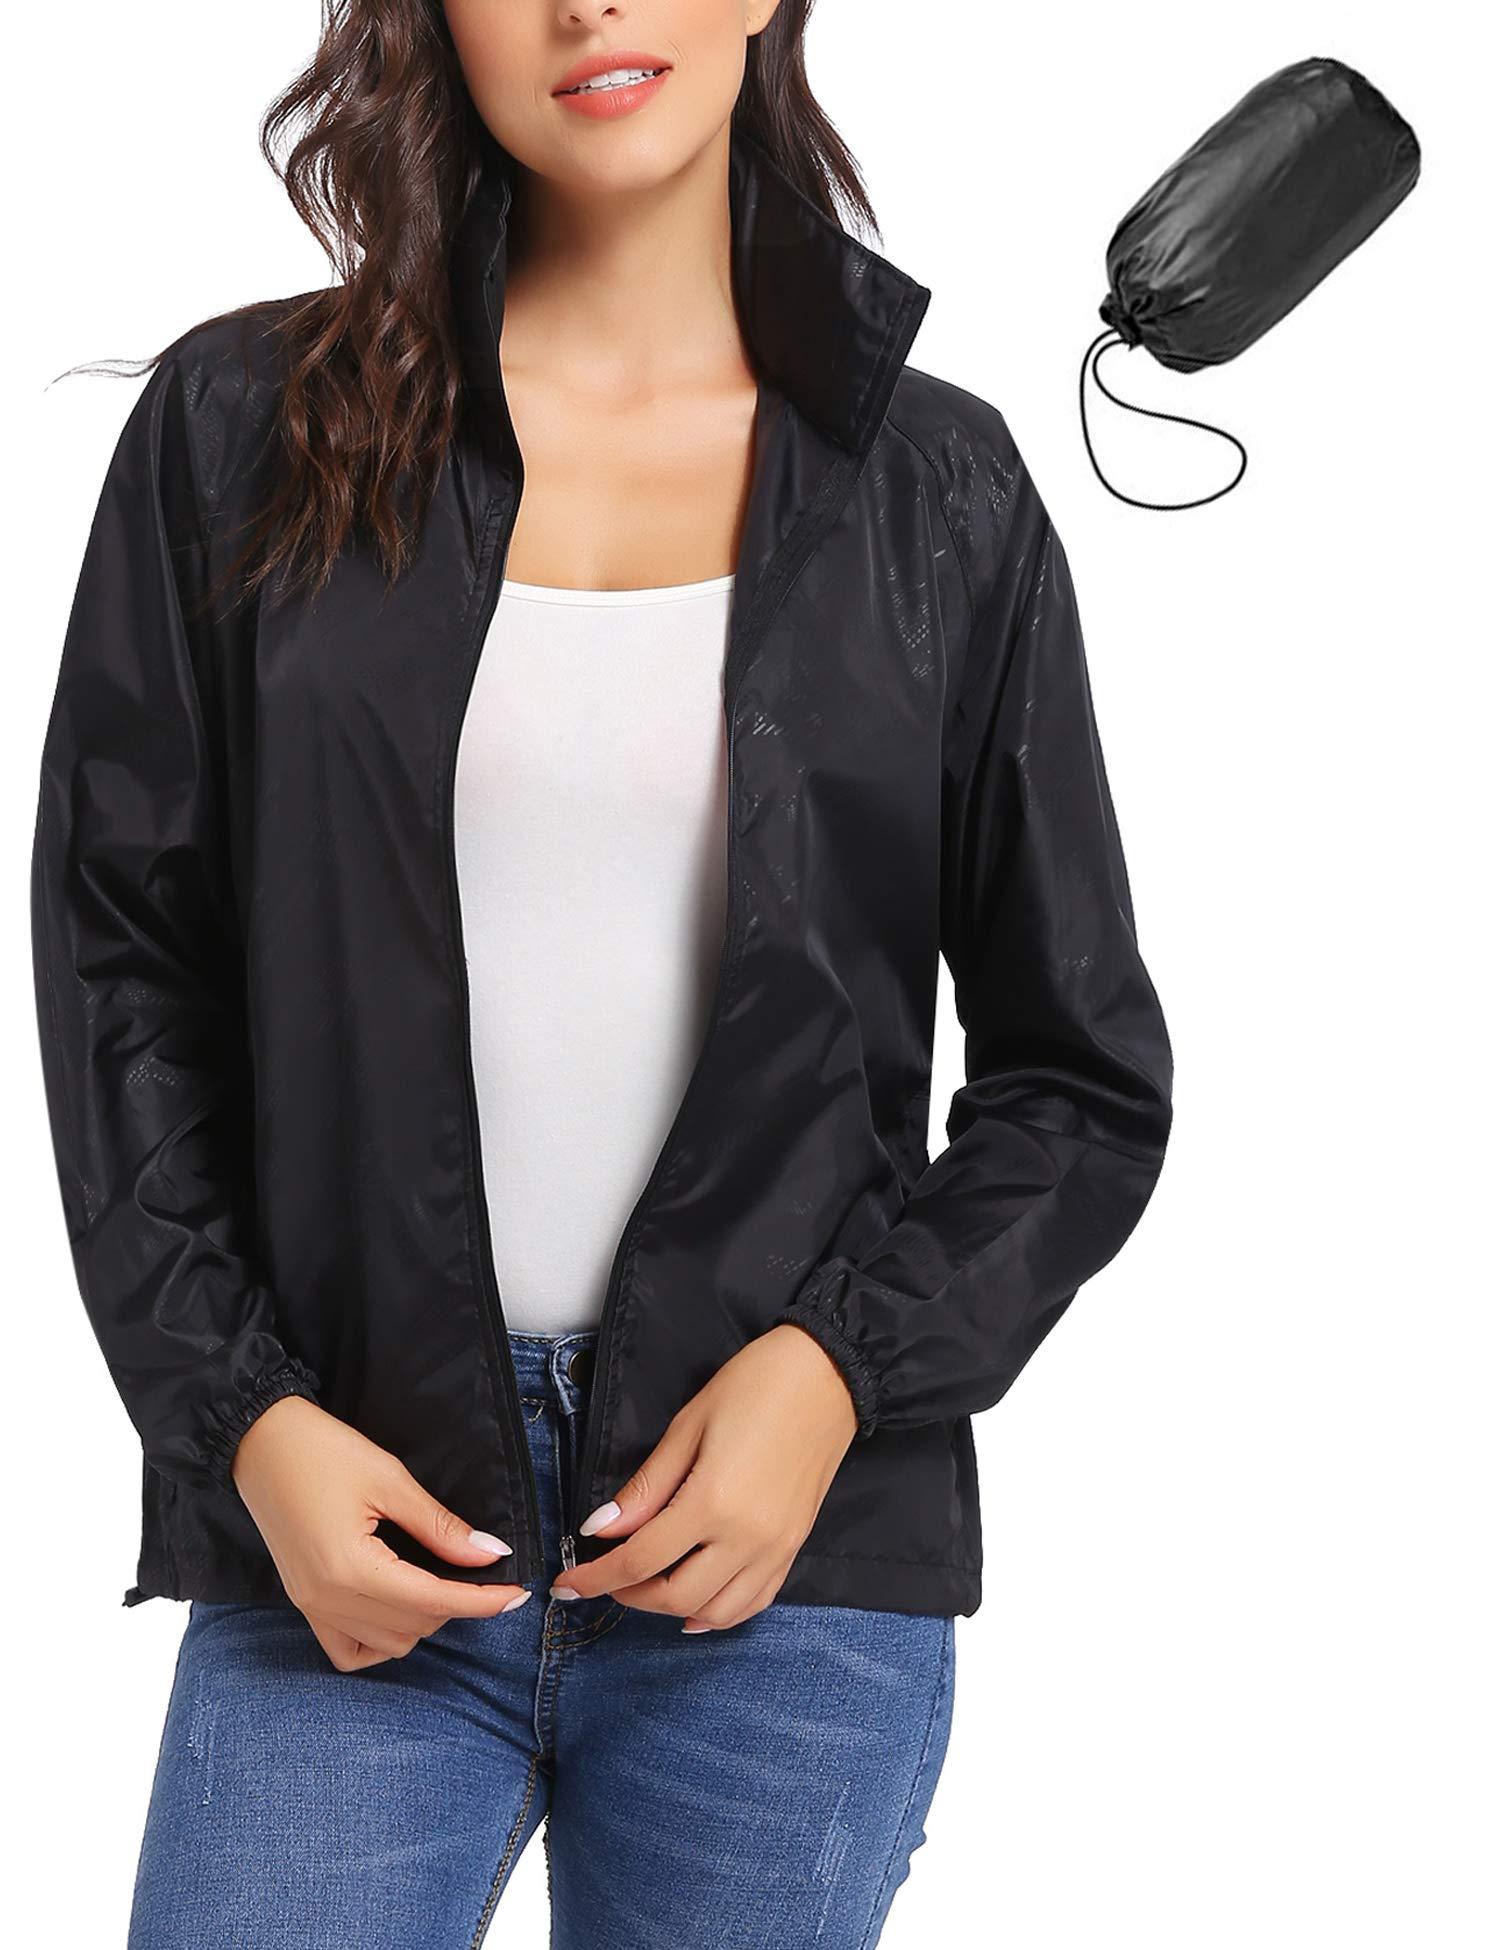 iClosam Women Lightweight UV Protect Windbreaker Jacket Active Outdoor Packable Thin Coat